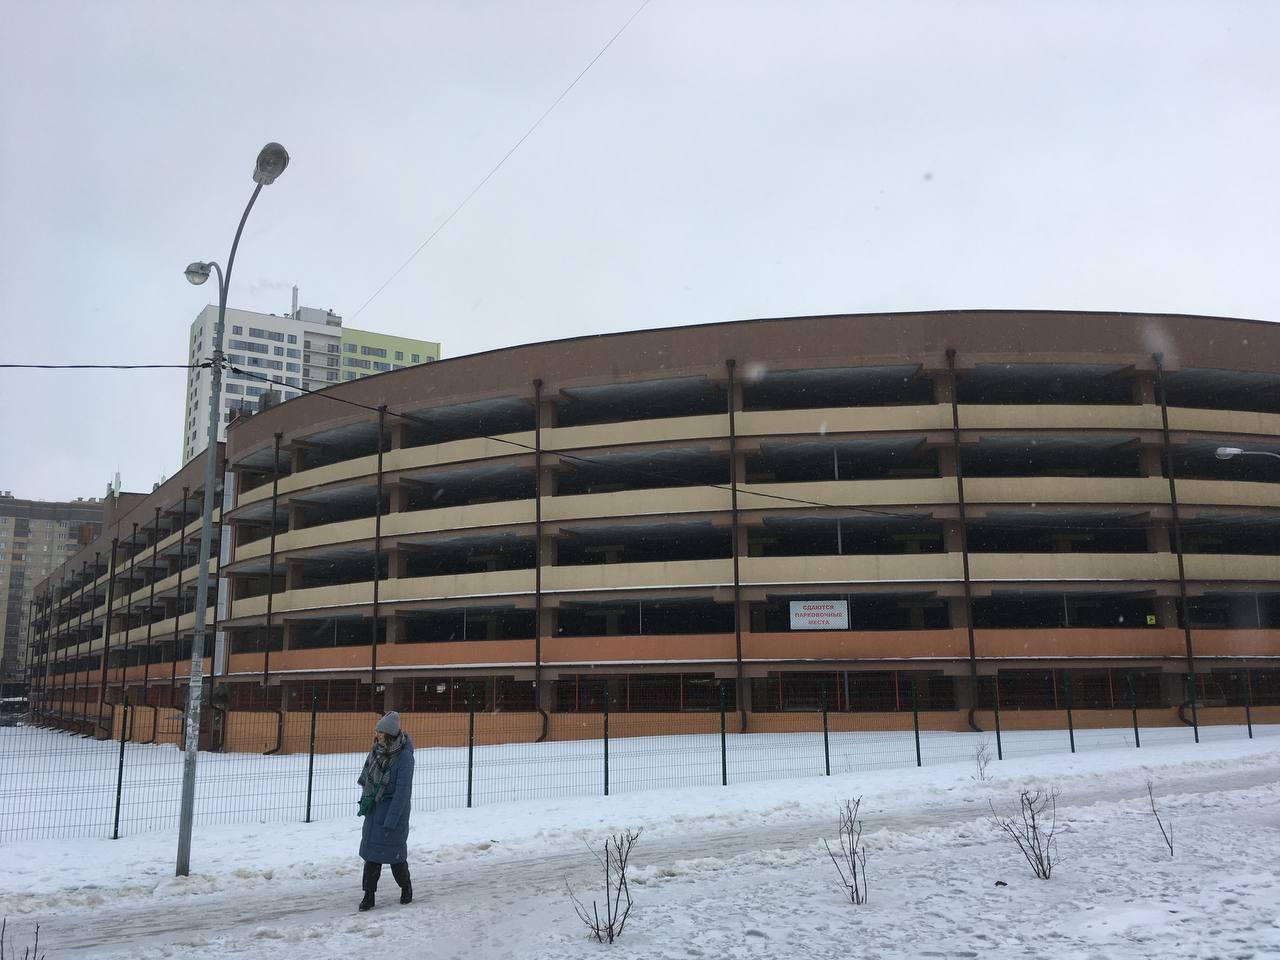 Какими методами можно решить проблему с парковками в Воронеже? - фото 7